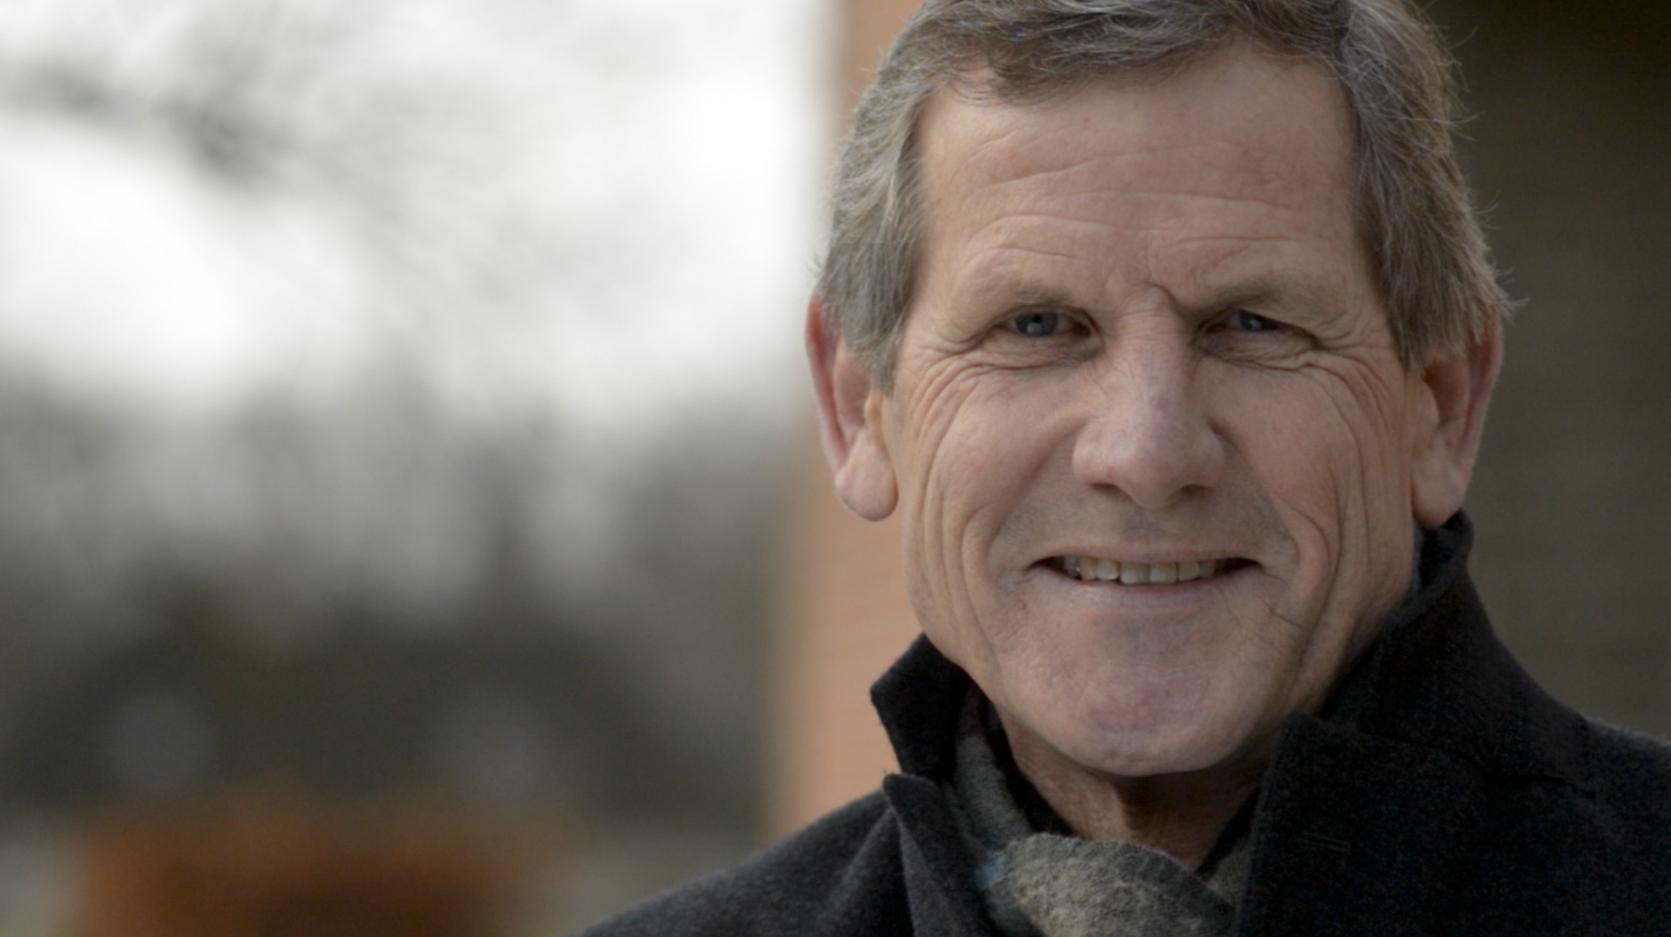 [VIDEO] Afscheidsreceptie voor Jan Peters